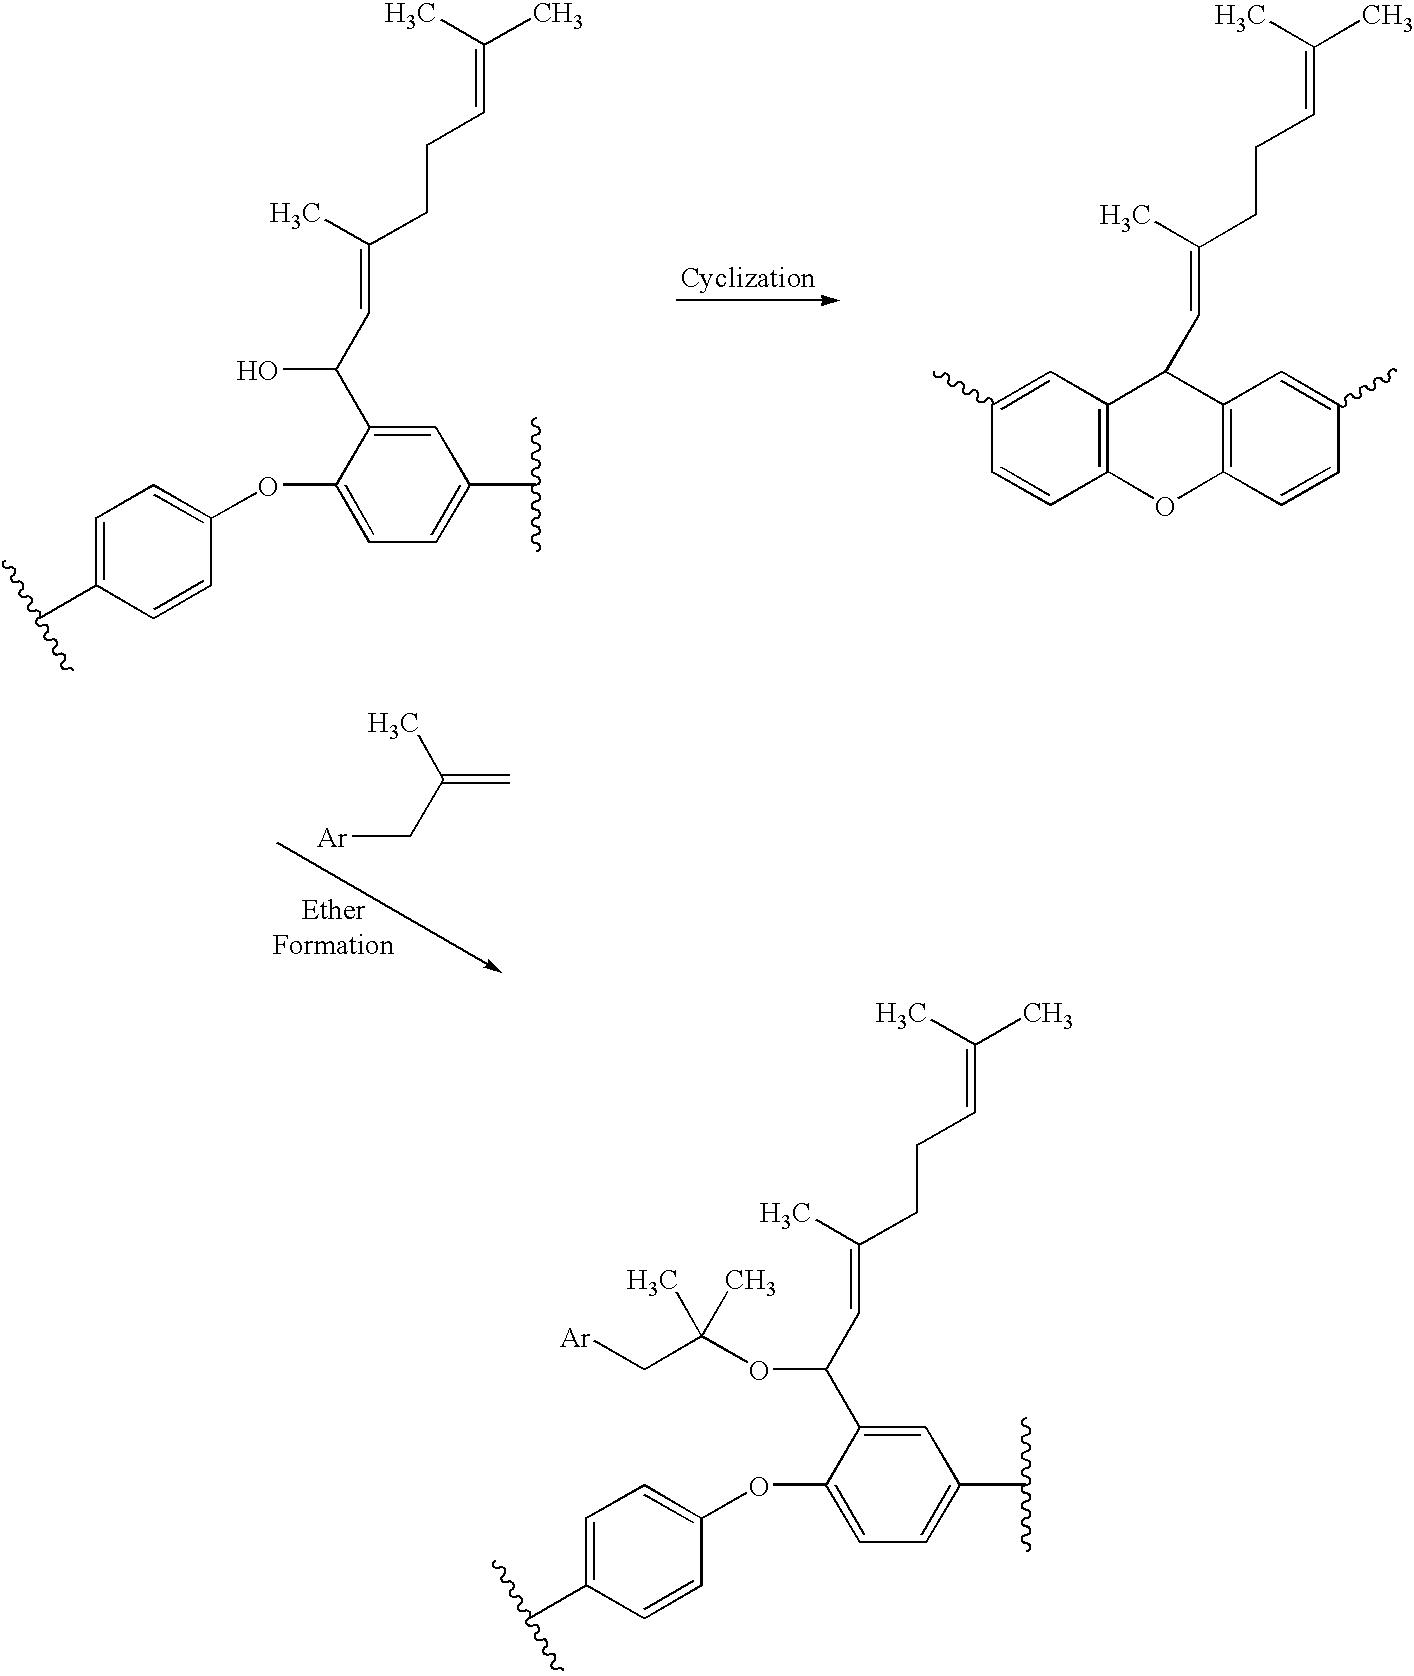 Figure US06716955-20040406-C00010